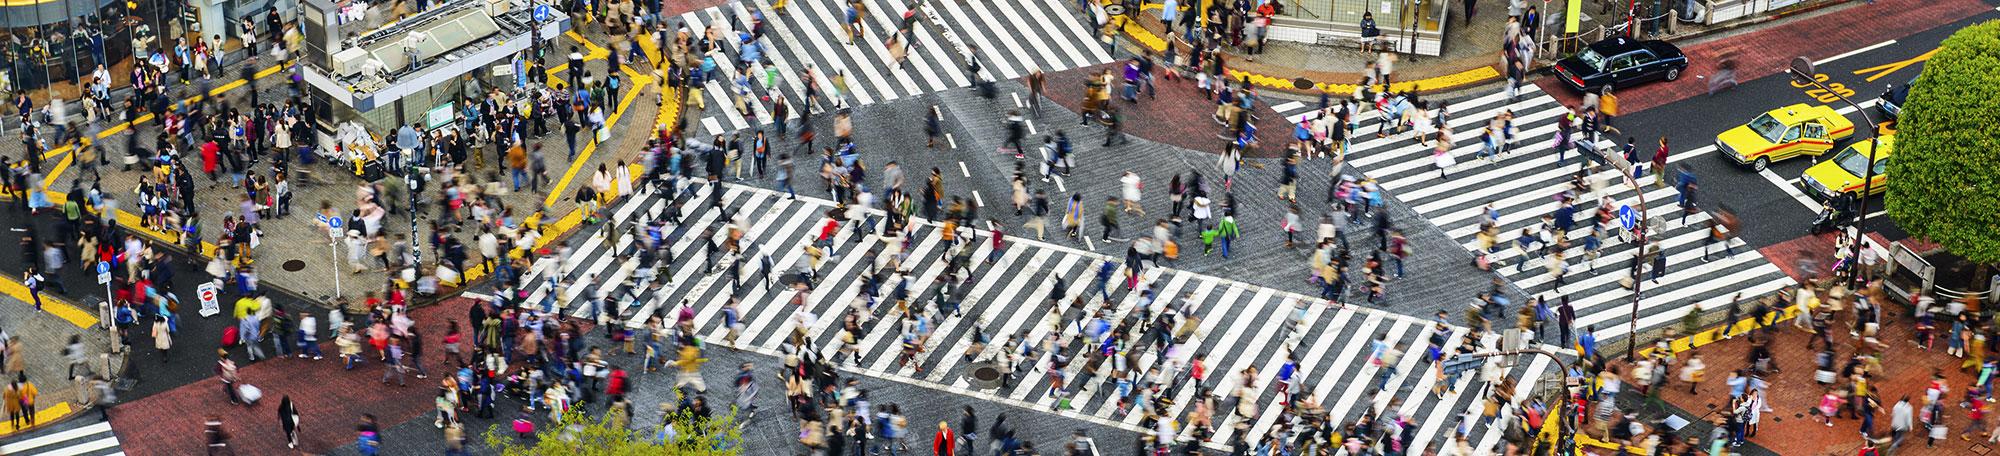 Urban scene in Tokyo, Japan